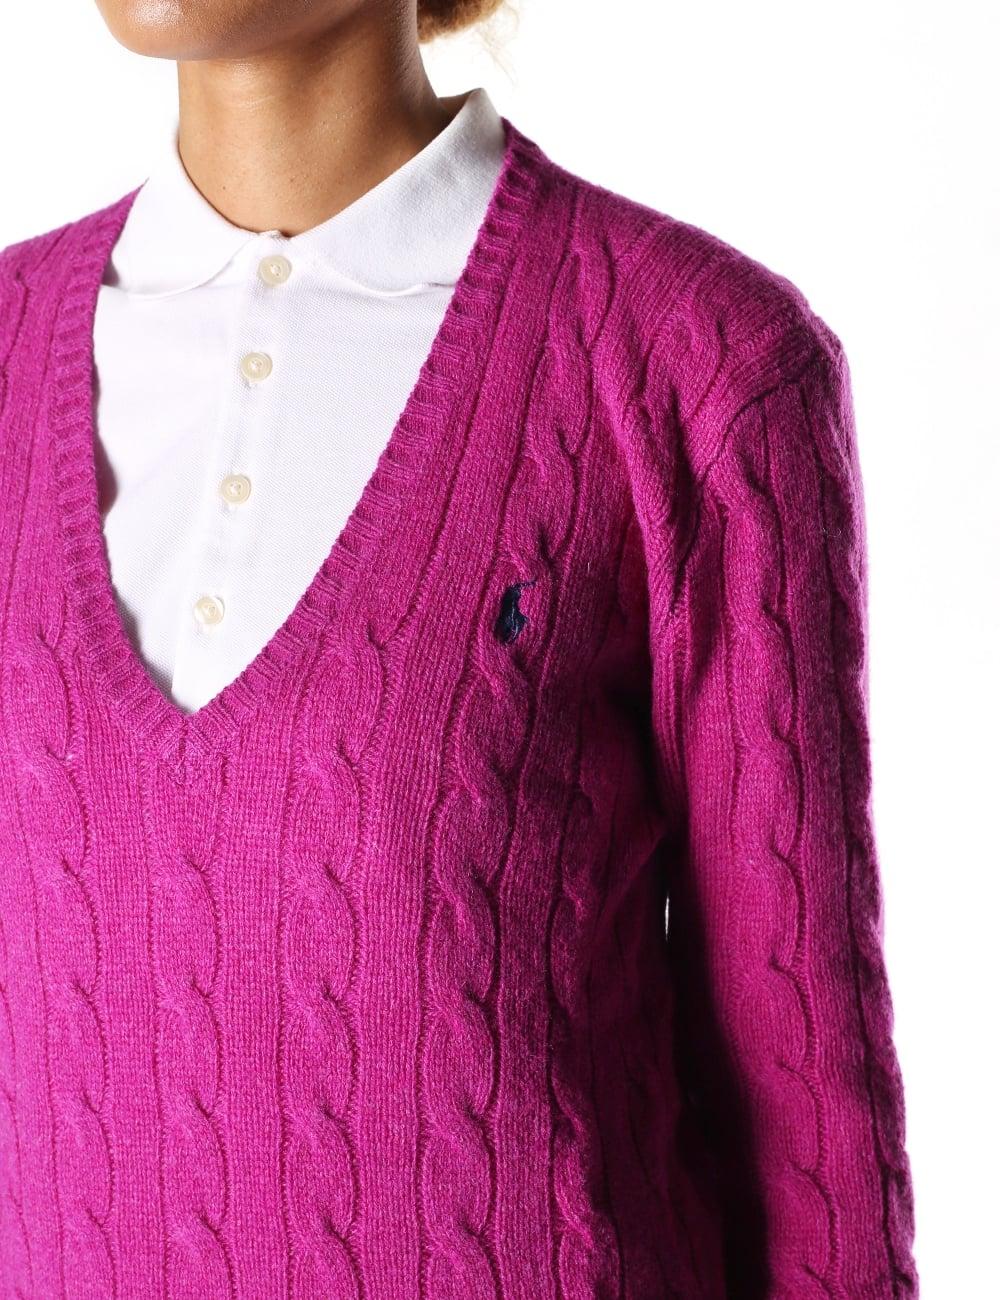 Polo Ralph Lauren Women s Kimberly Classic Long Sleeve Sweater ... 1d419e79fb40